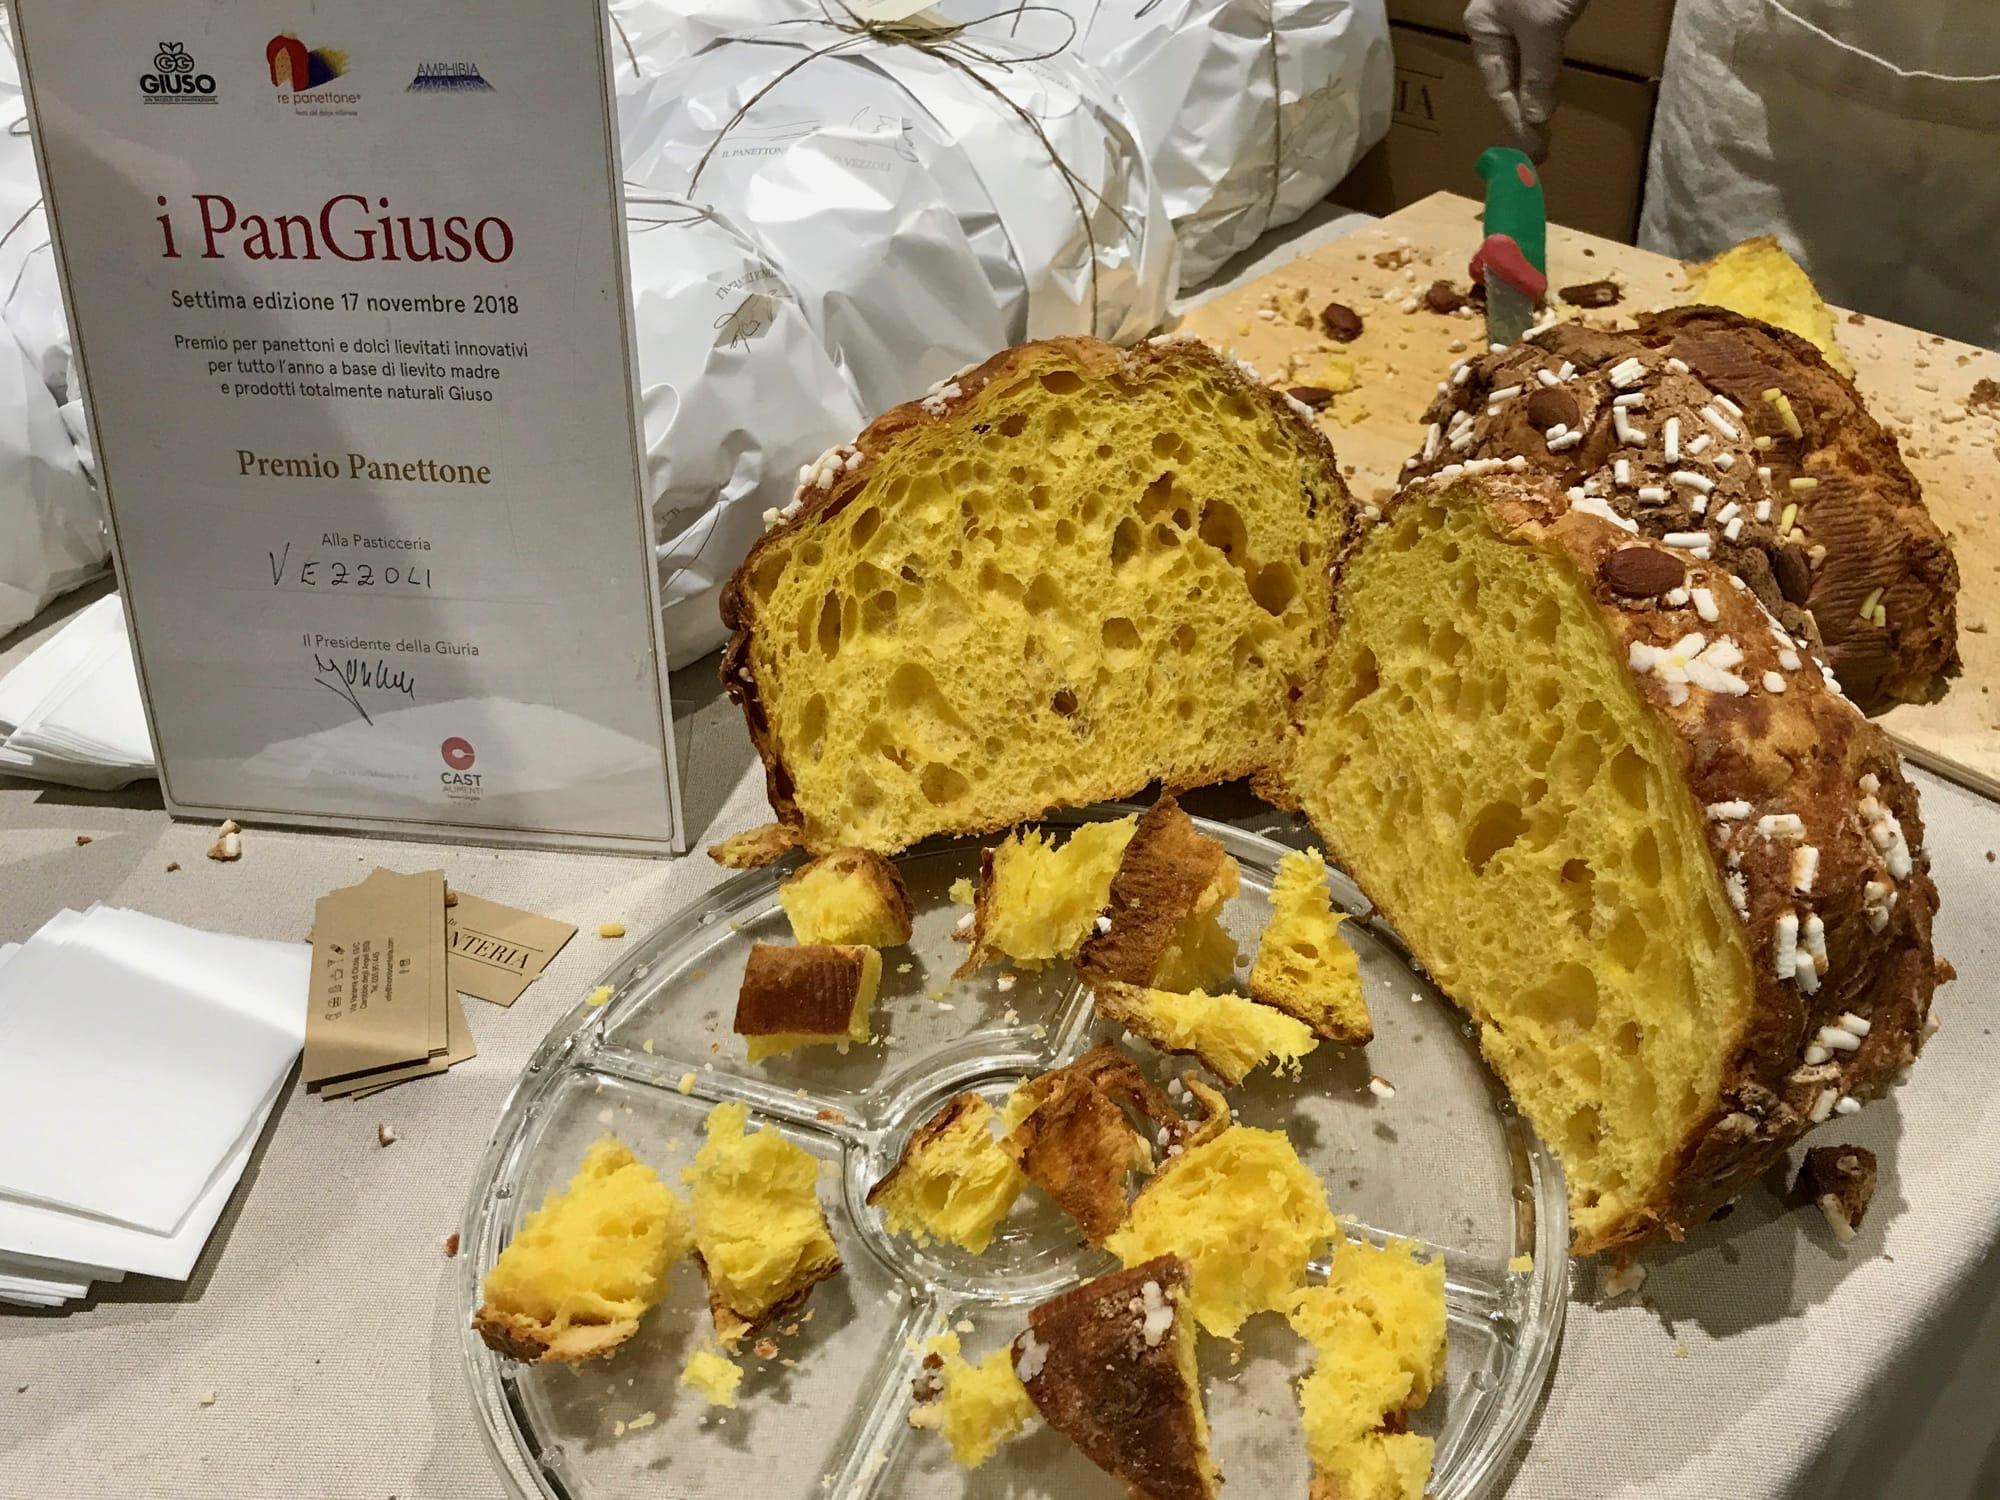 Panettone di Vezzoli, senza canditi e senza uvetta